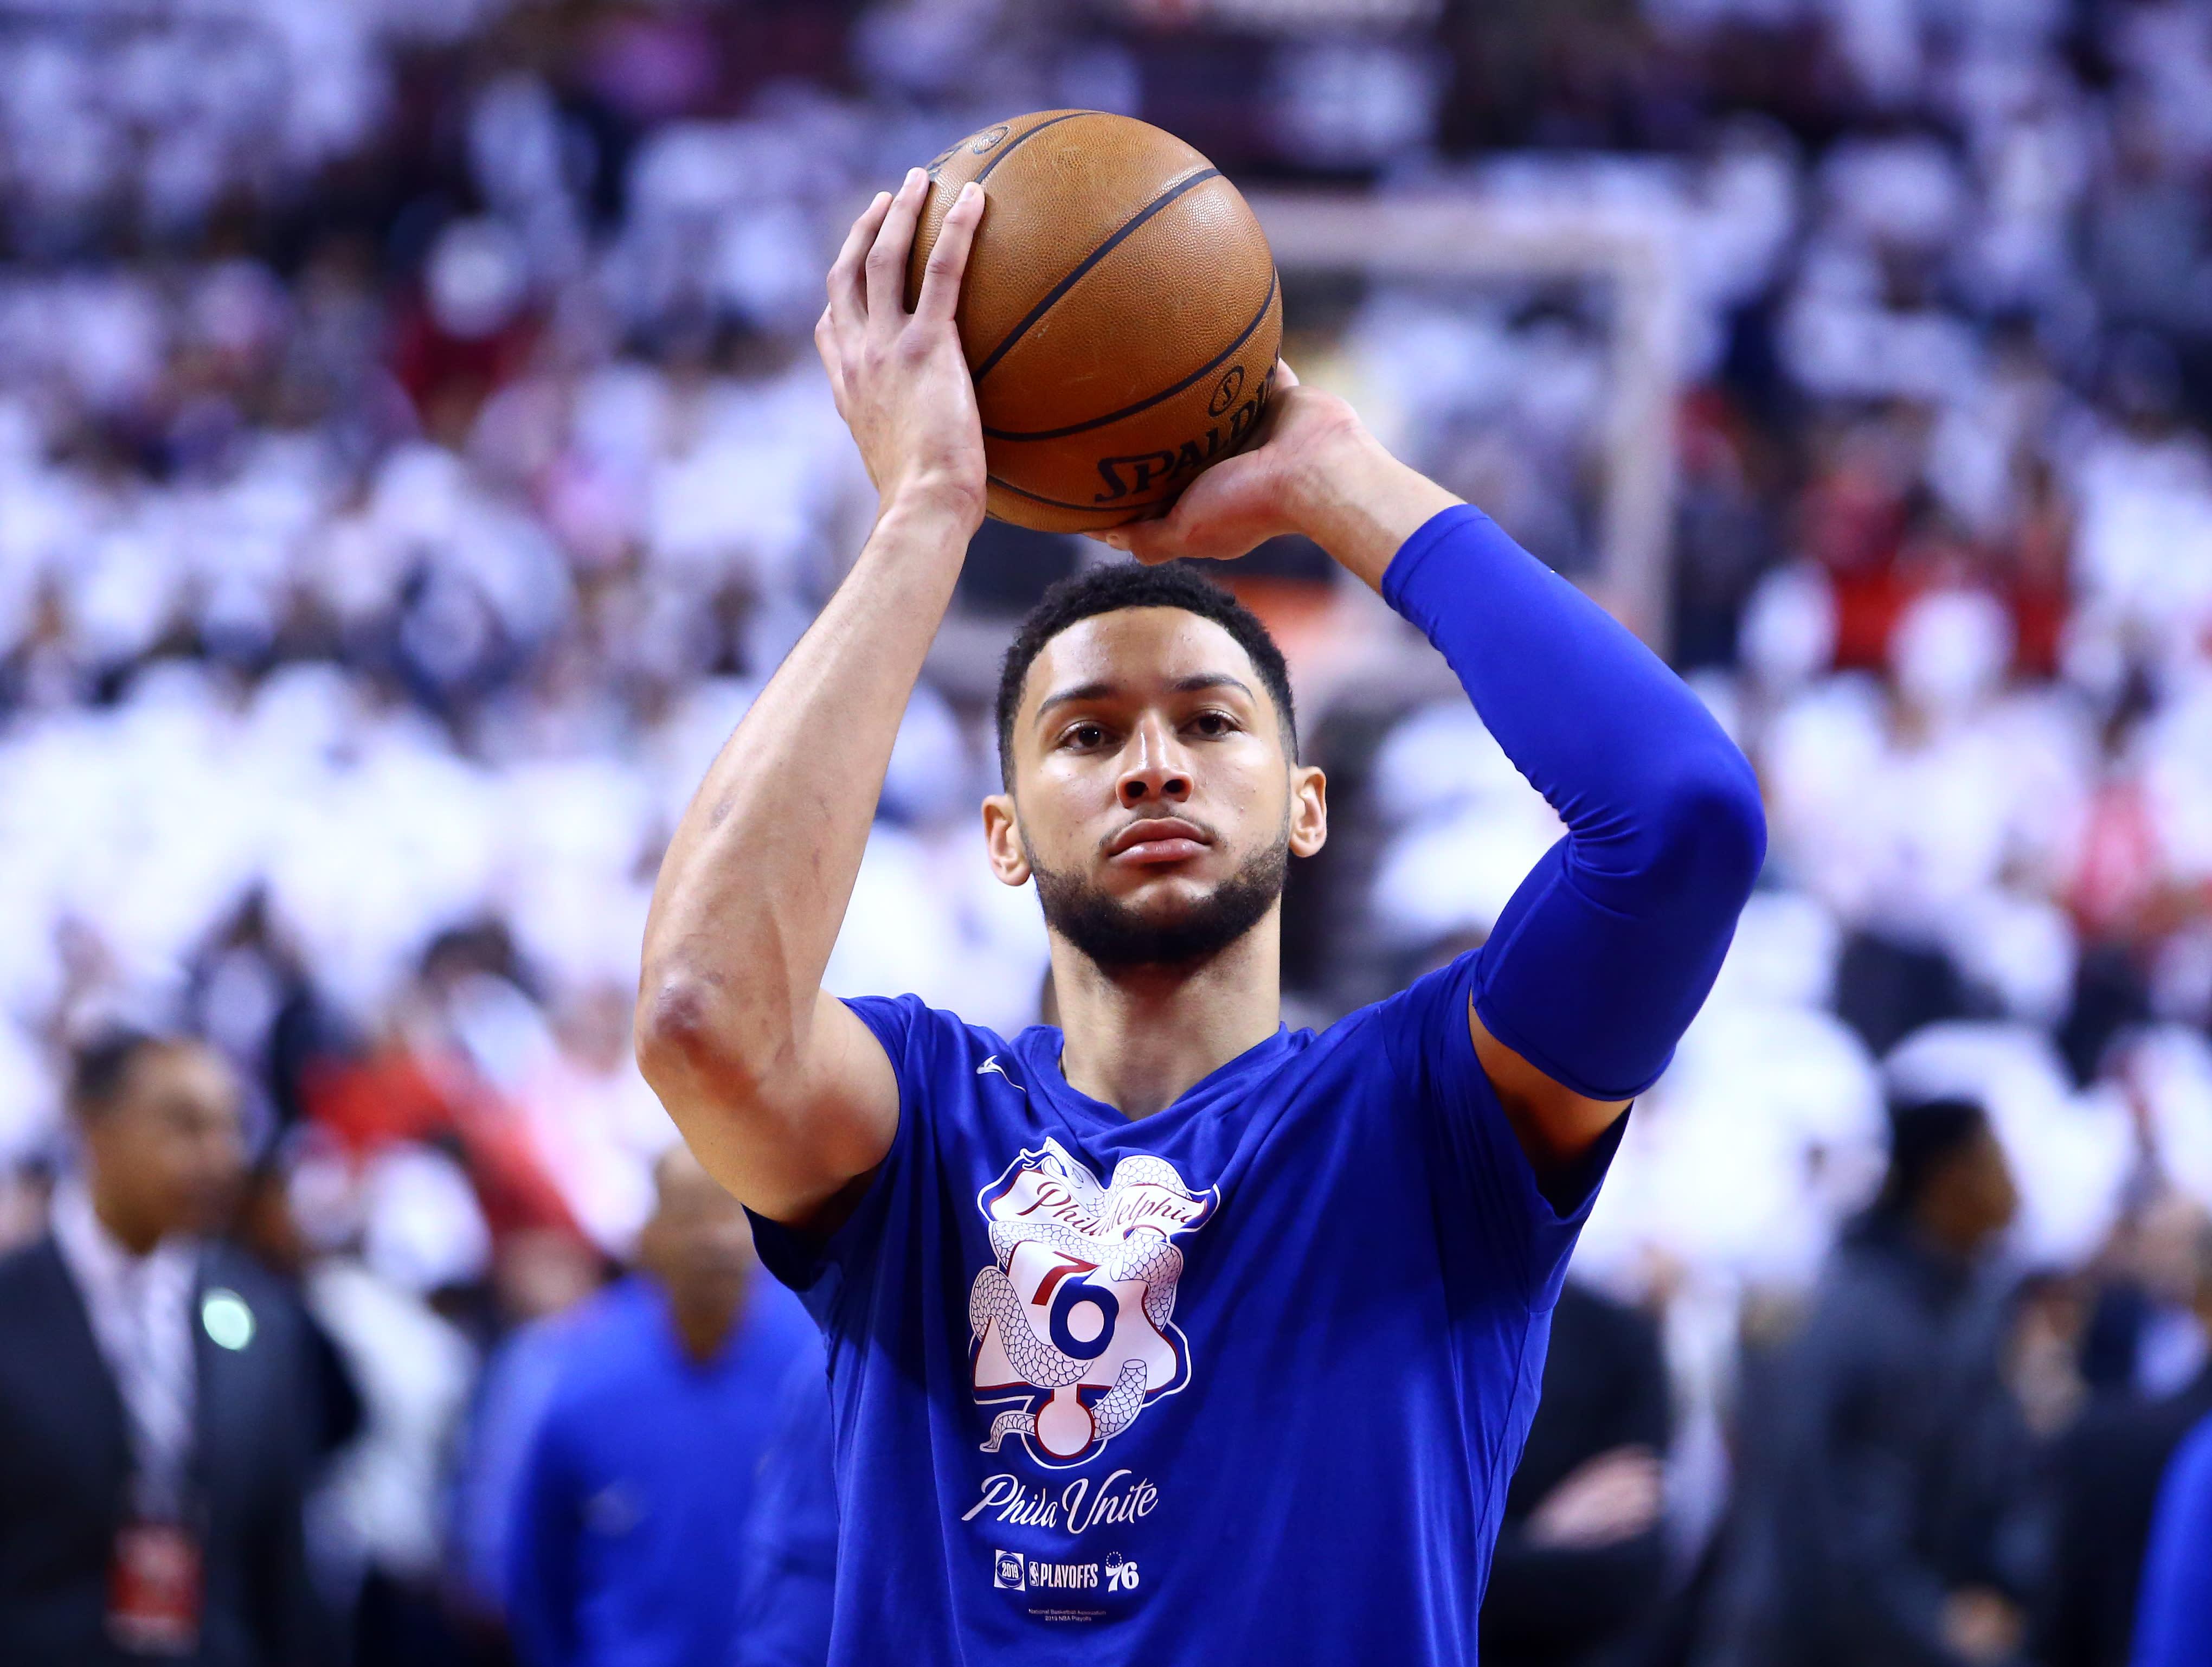 【影片】連進4個Logo Shot!Simmons苦練得到回報,遠投有了明顯進步!-籃球圈